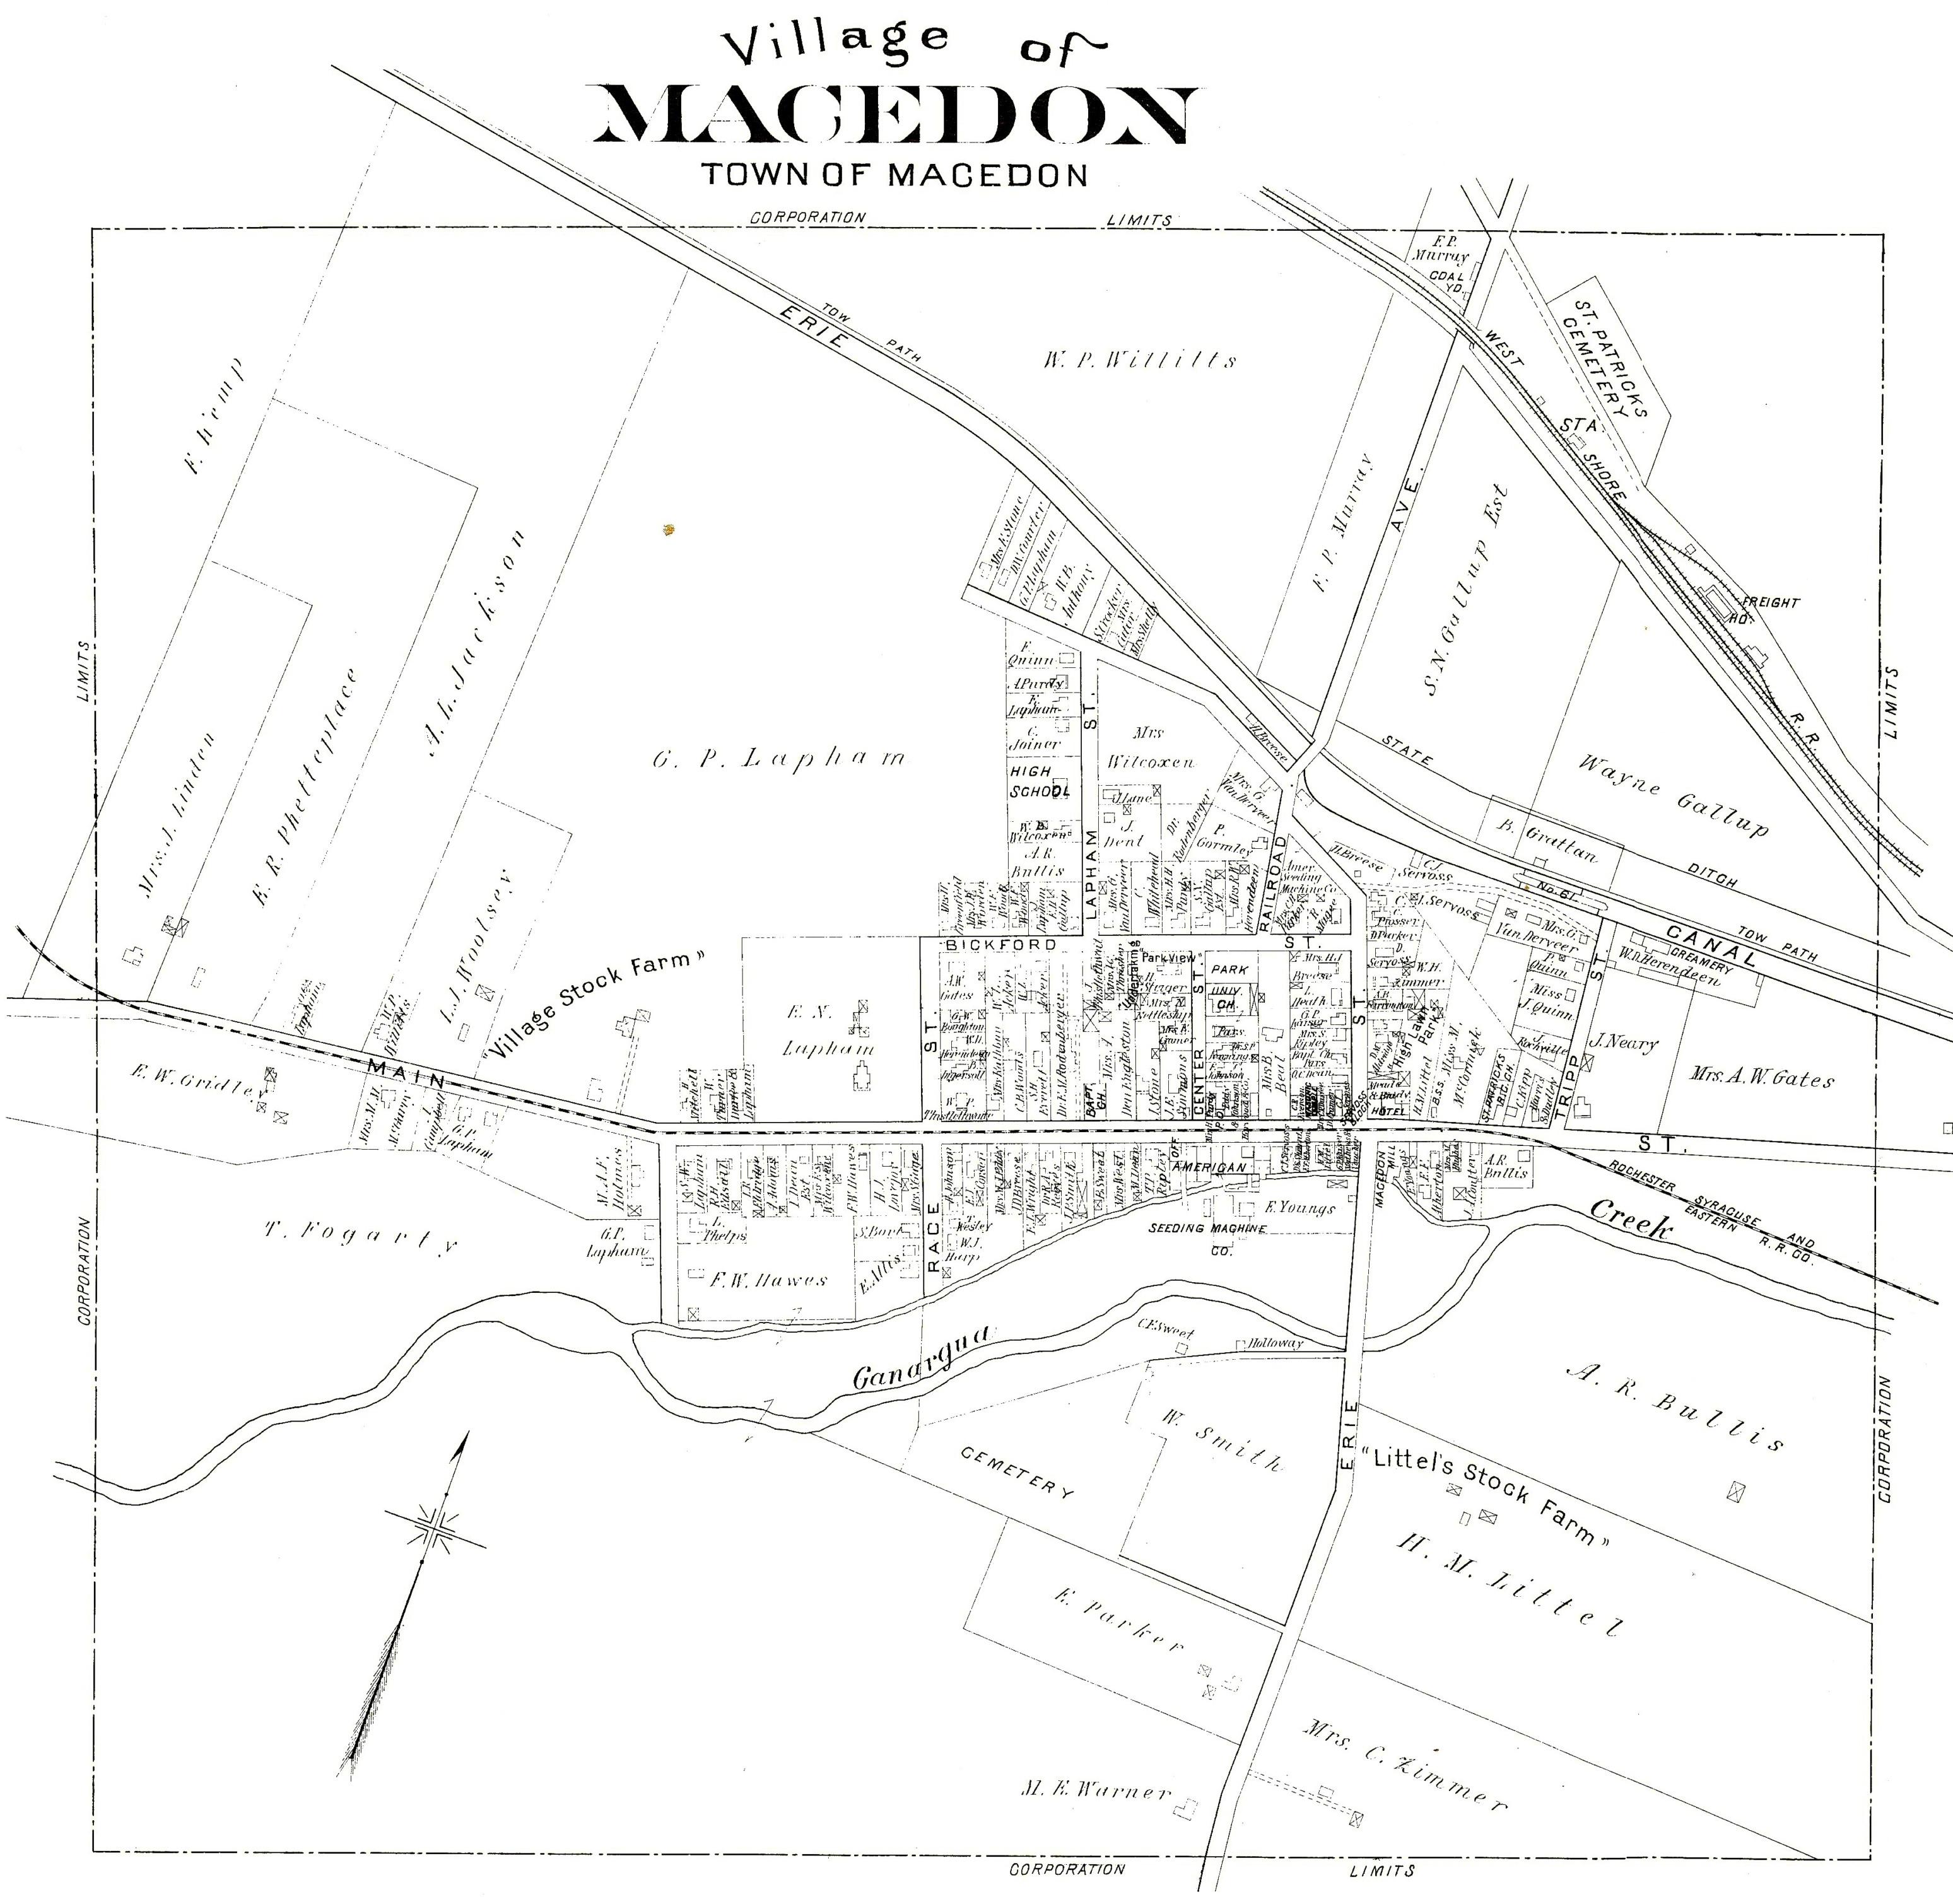 1904 Village Map